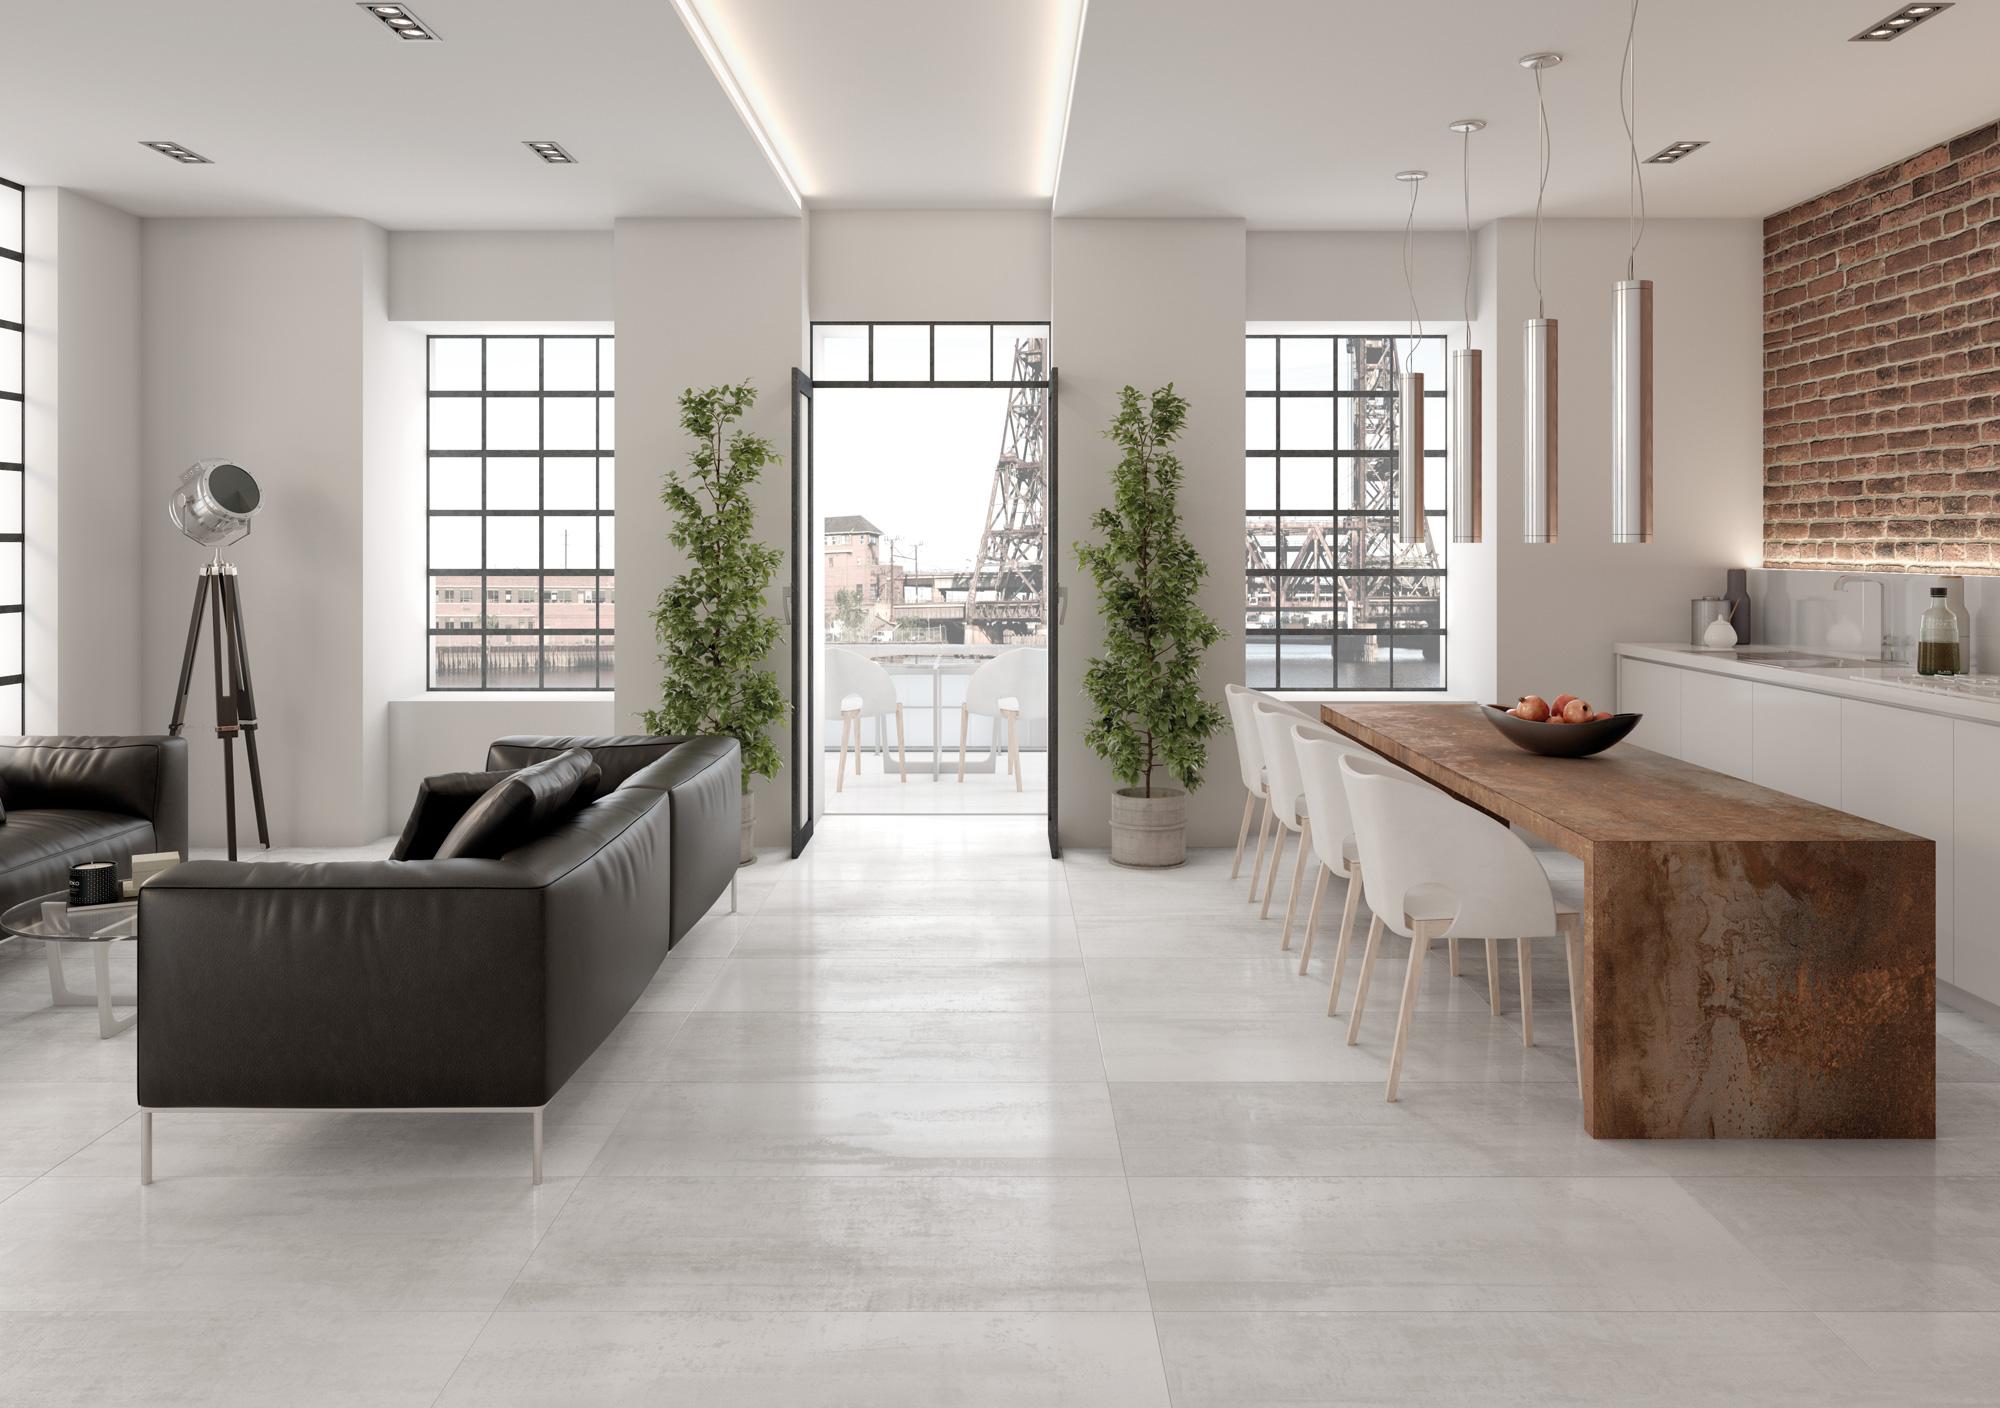 Tau Ceramica Corten Blanco 60x120 Boden/Wandfliese Glänzend